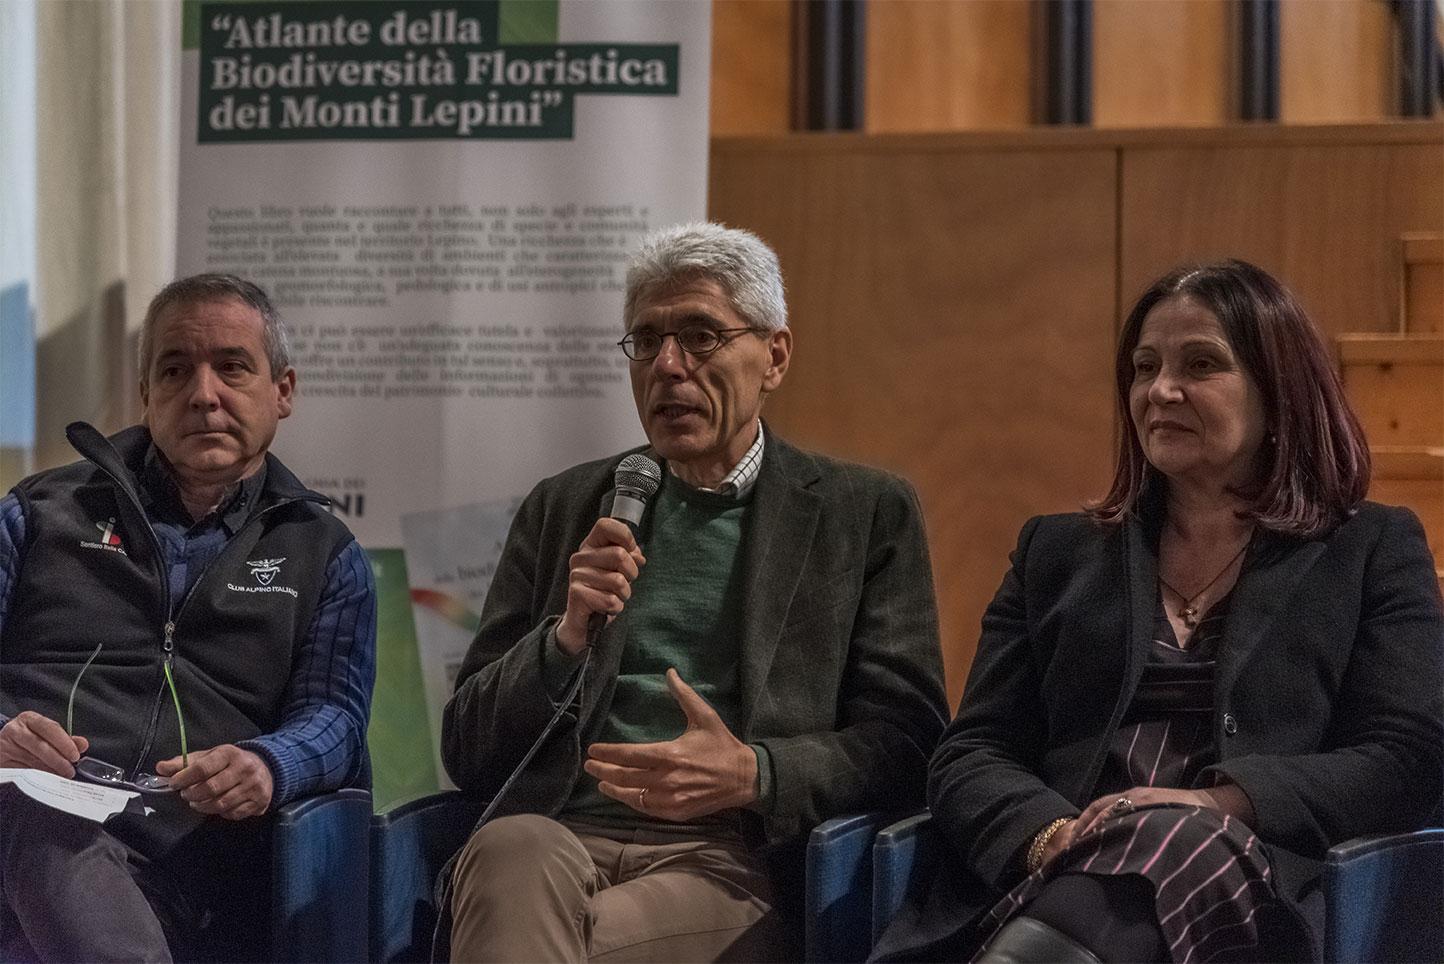 compagnia-dei-lepini-convegno-biodiversita-25-01-2020-62